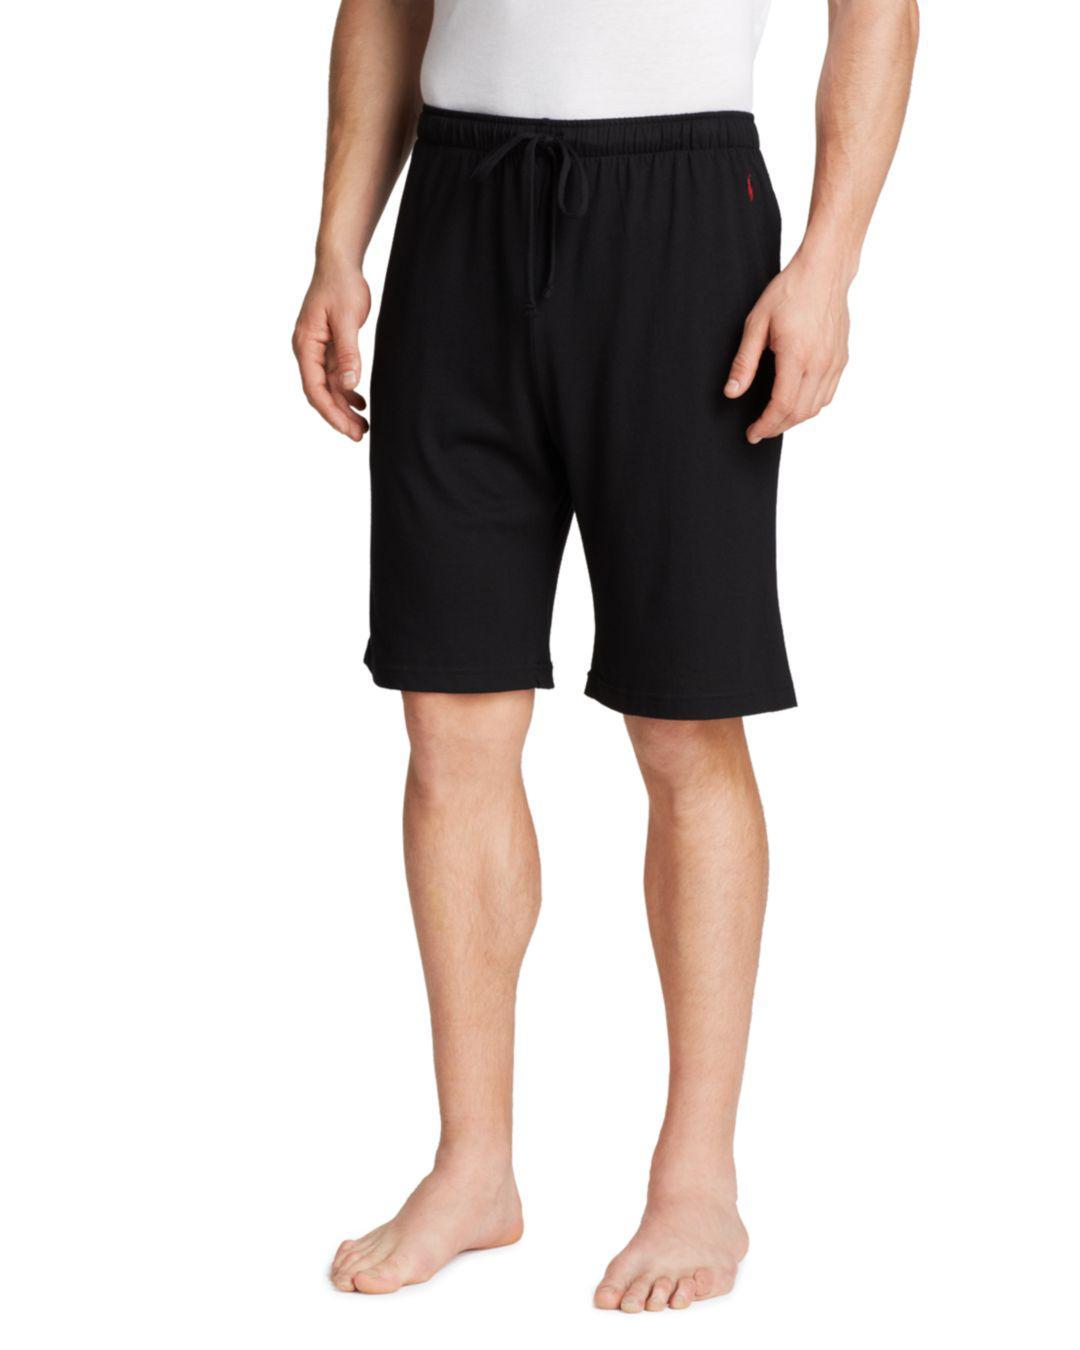 d2ea0116b Polo Ralph Lauren Ralph Lauren Supreme Comfort Sleep Shorts in Black ...